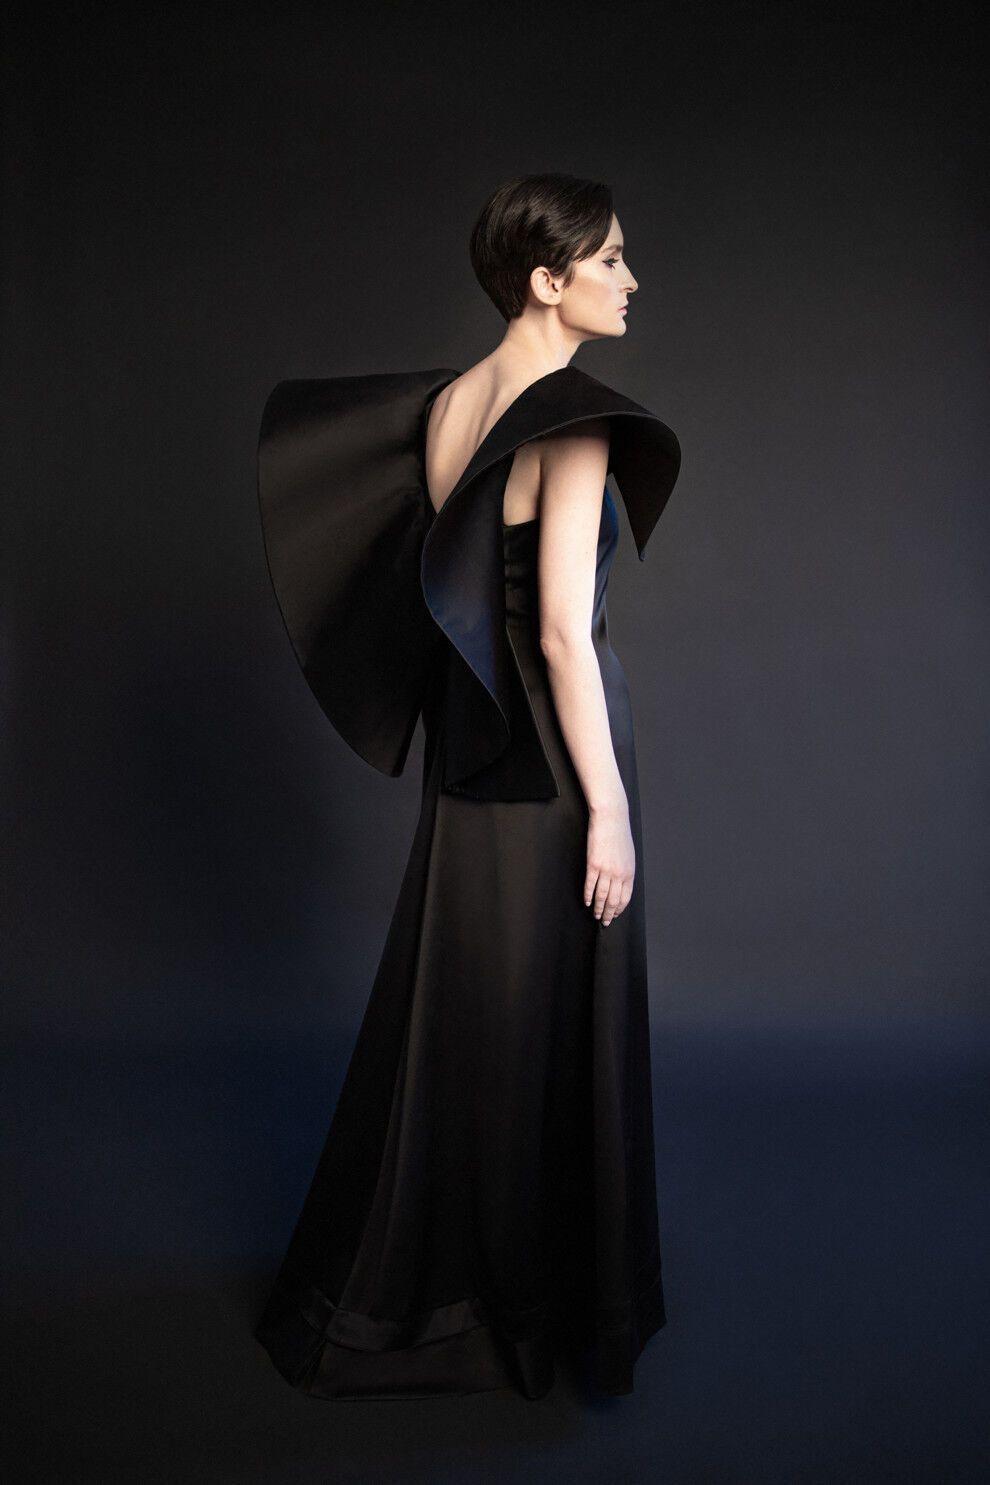 Павленко позувала в довгій сукні з об'ємними рукавами